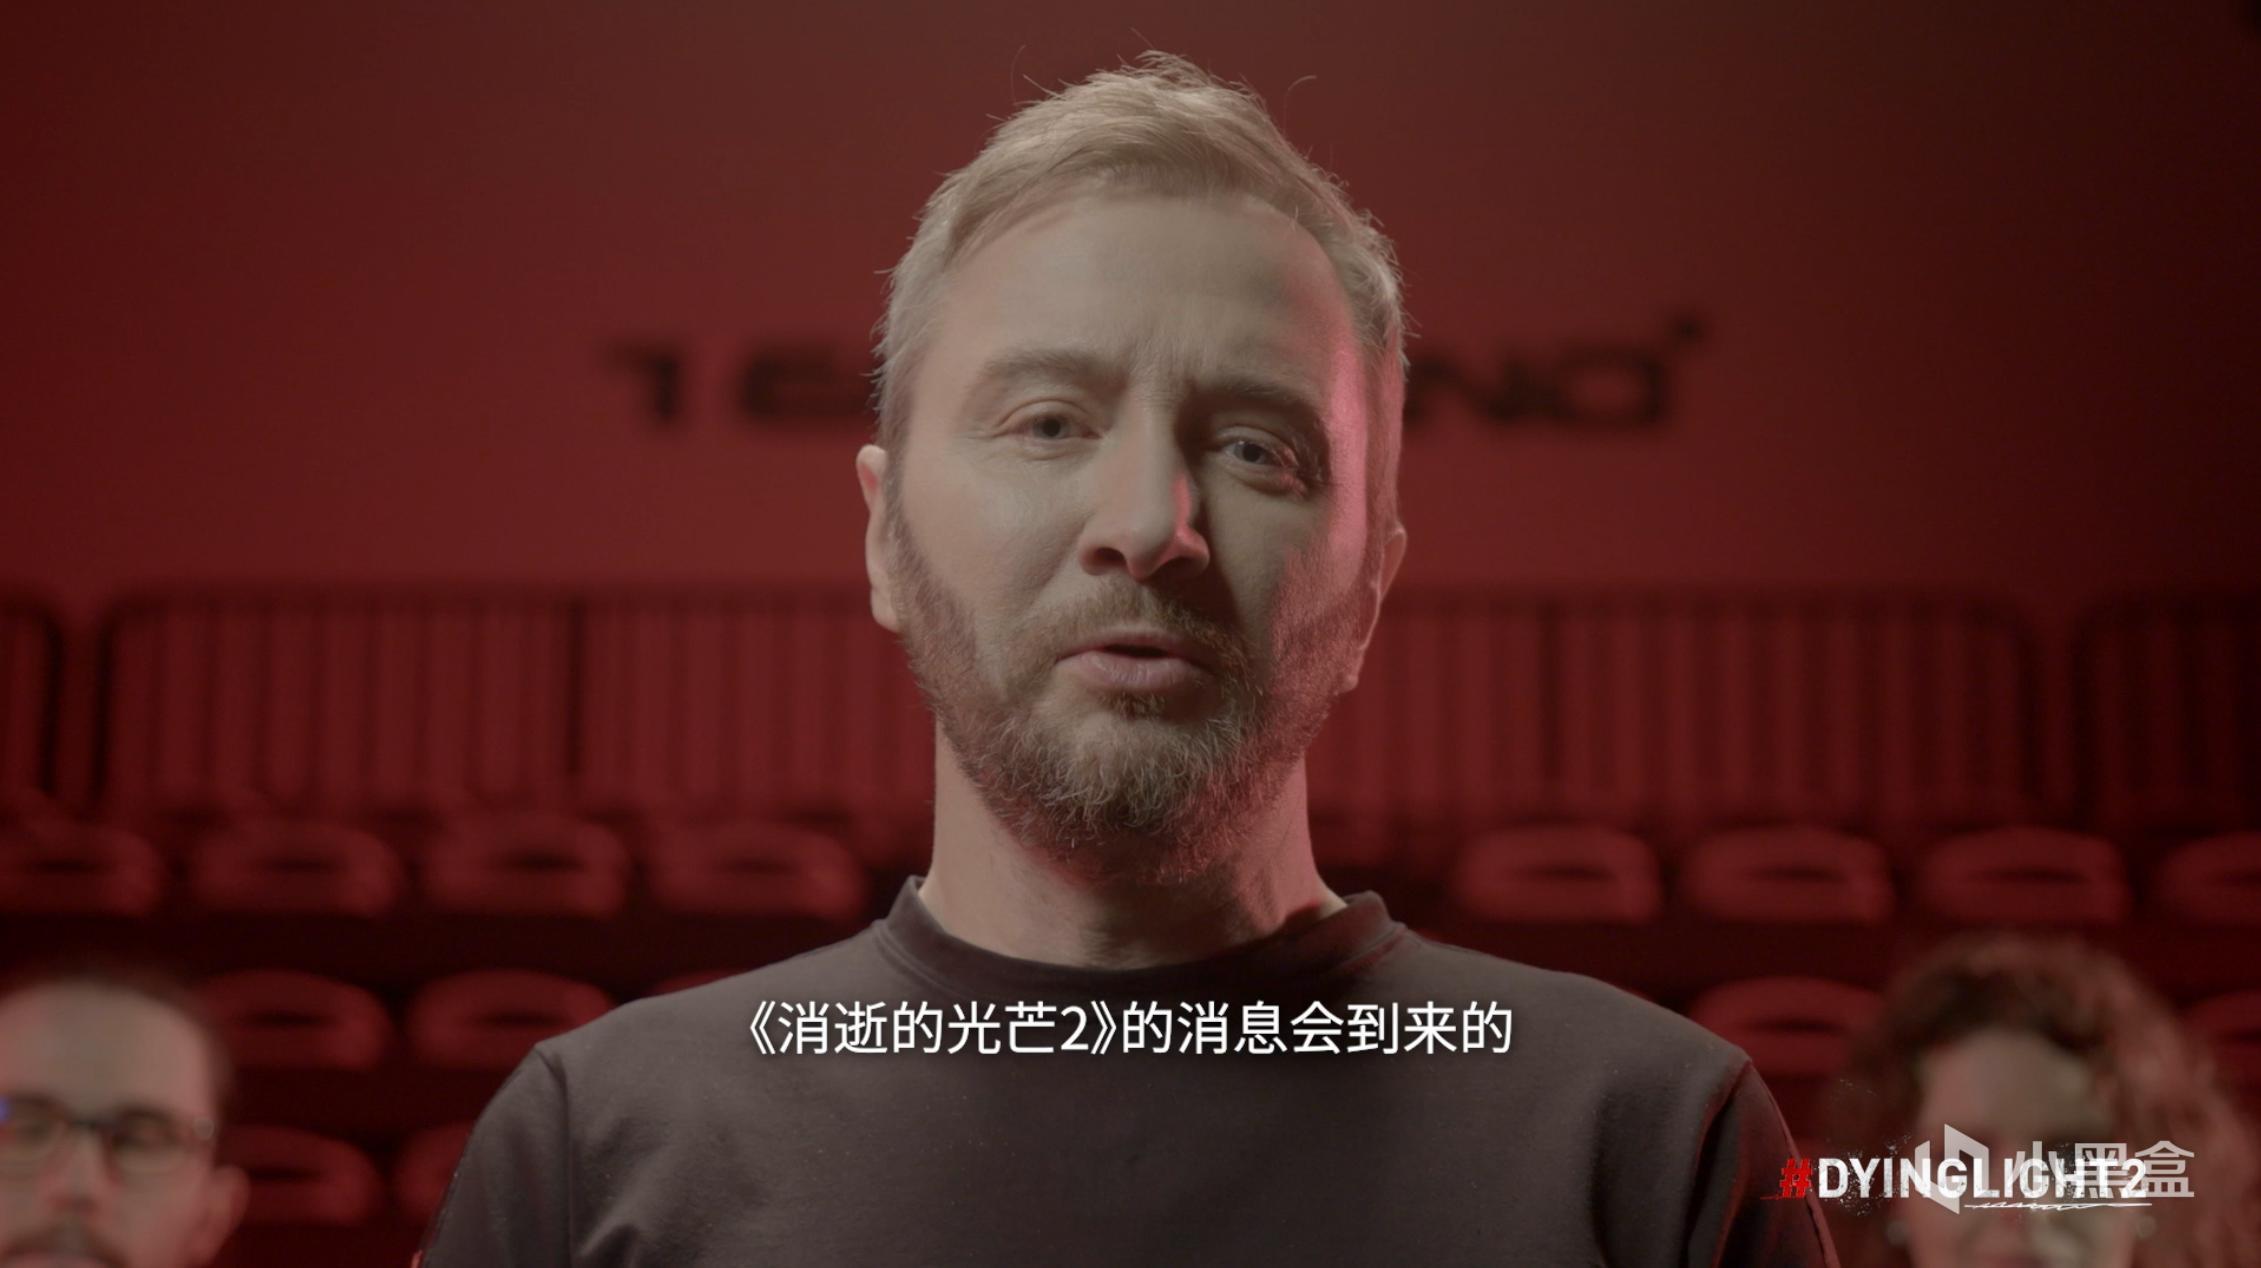 《消逝的光芒2》公布全新预告片,暂定2021年内发售-C3动漫网